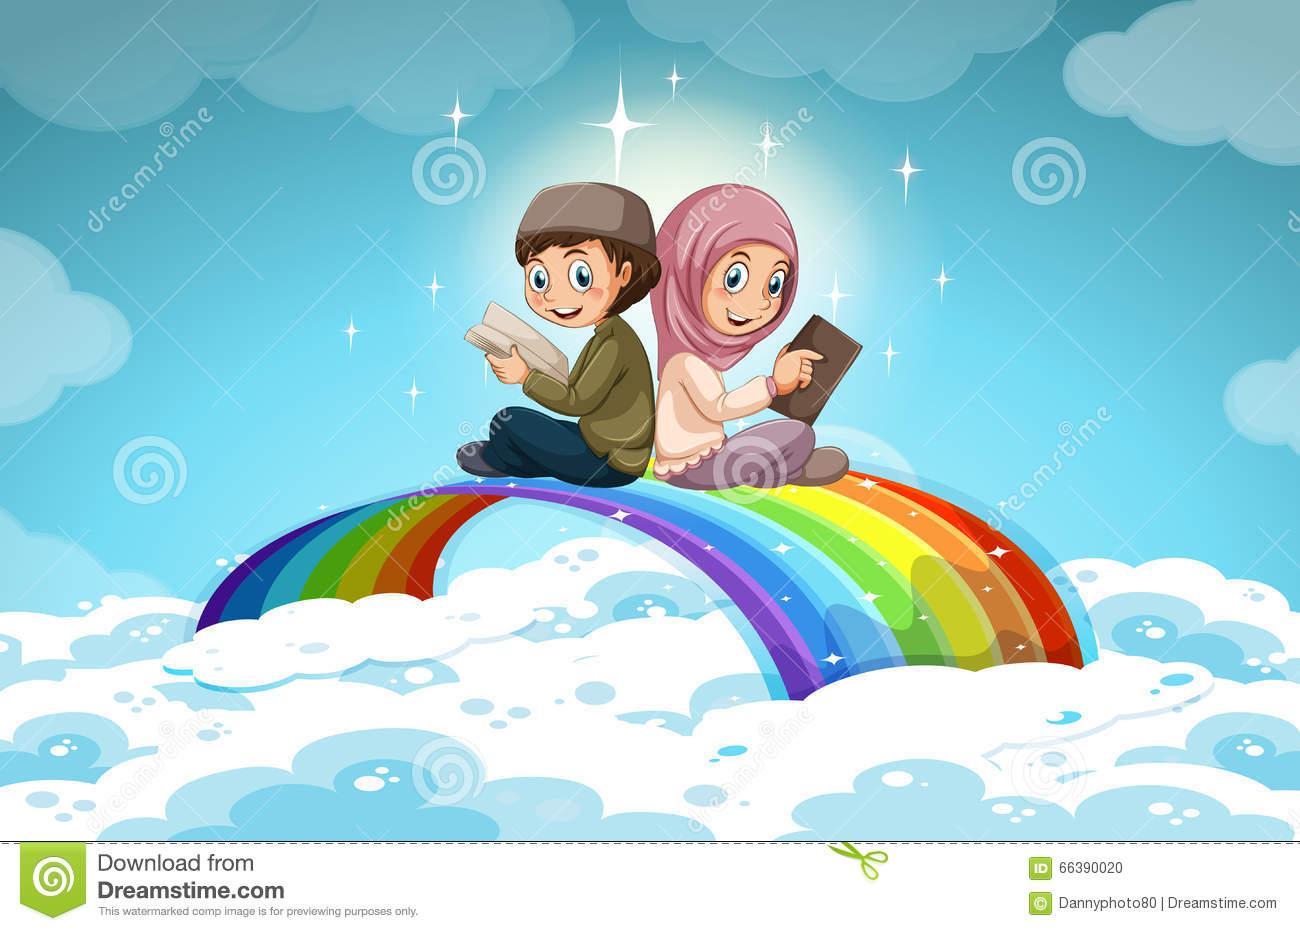 Inilah 7 Tips Agar Anak Ketagihan Baca Buku Voa Islam Com